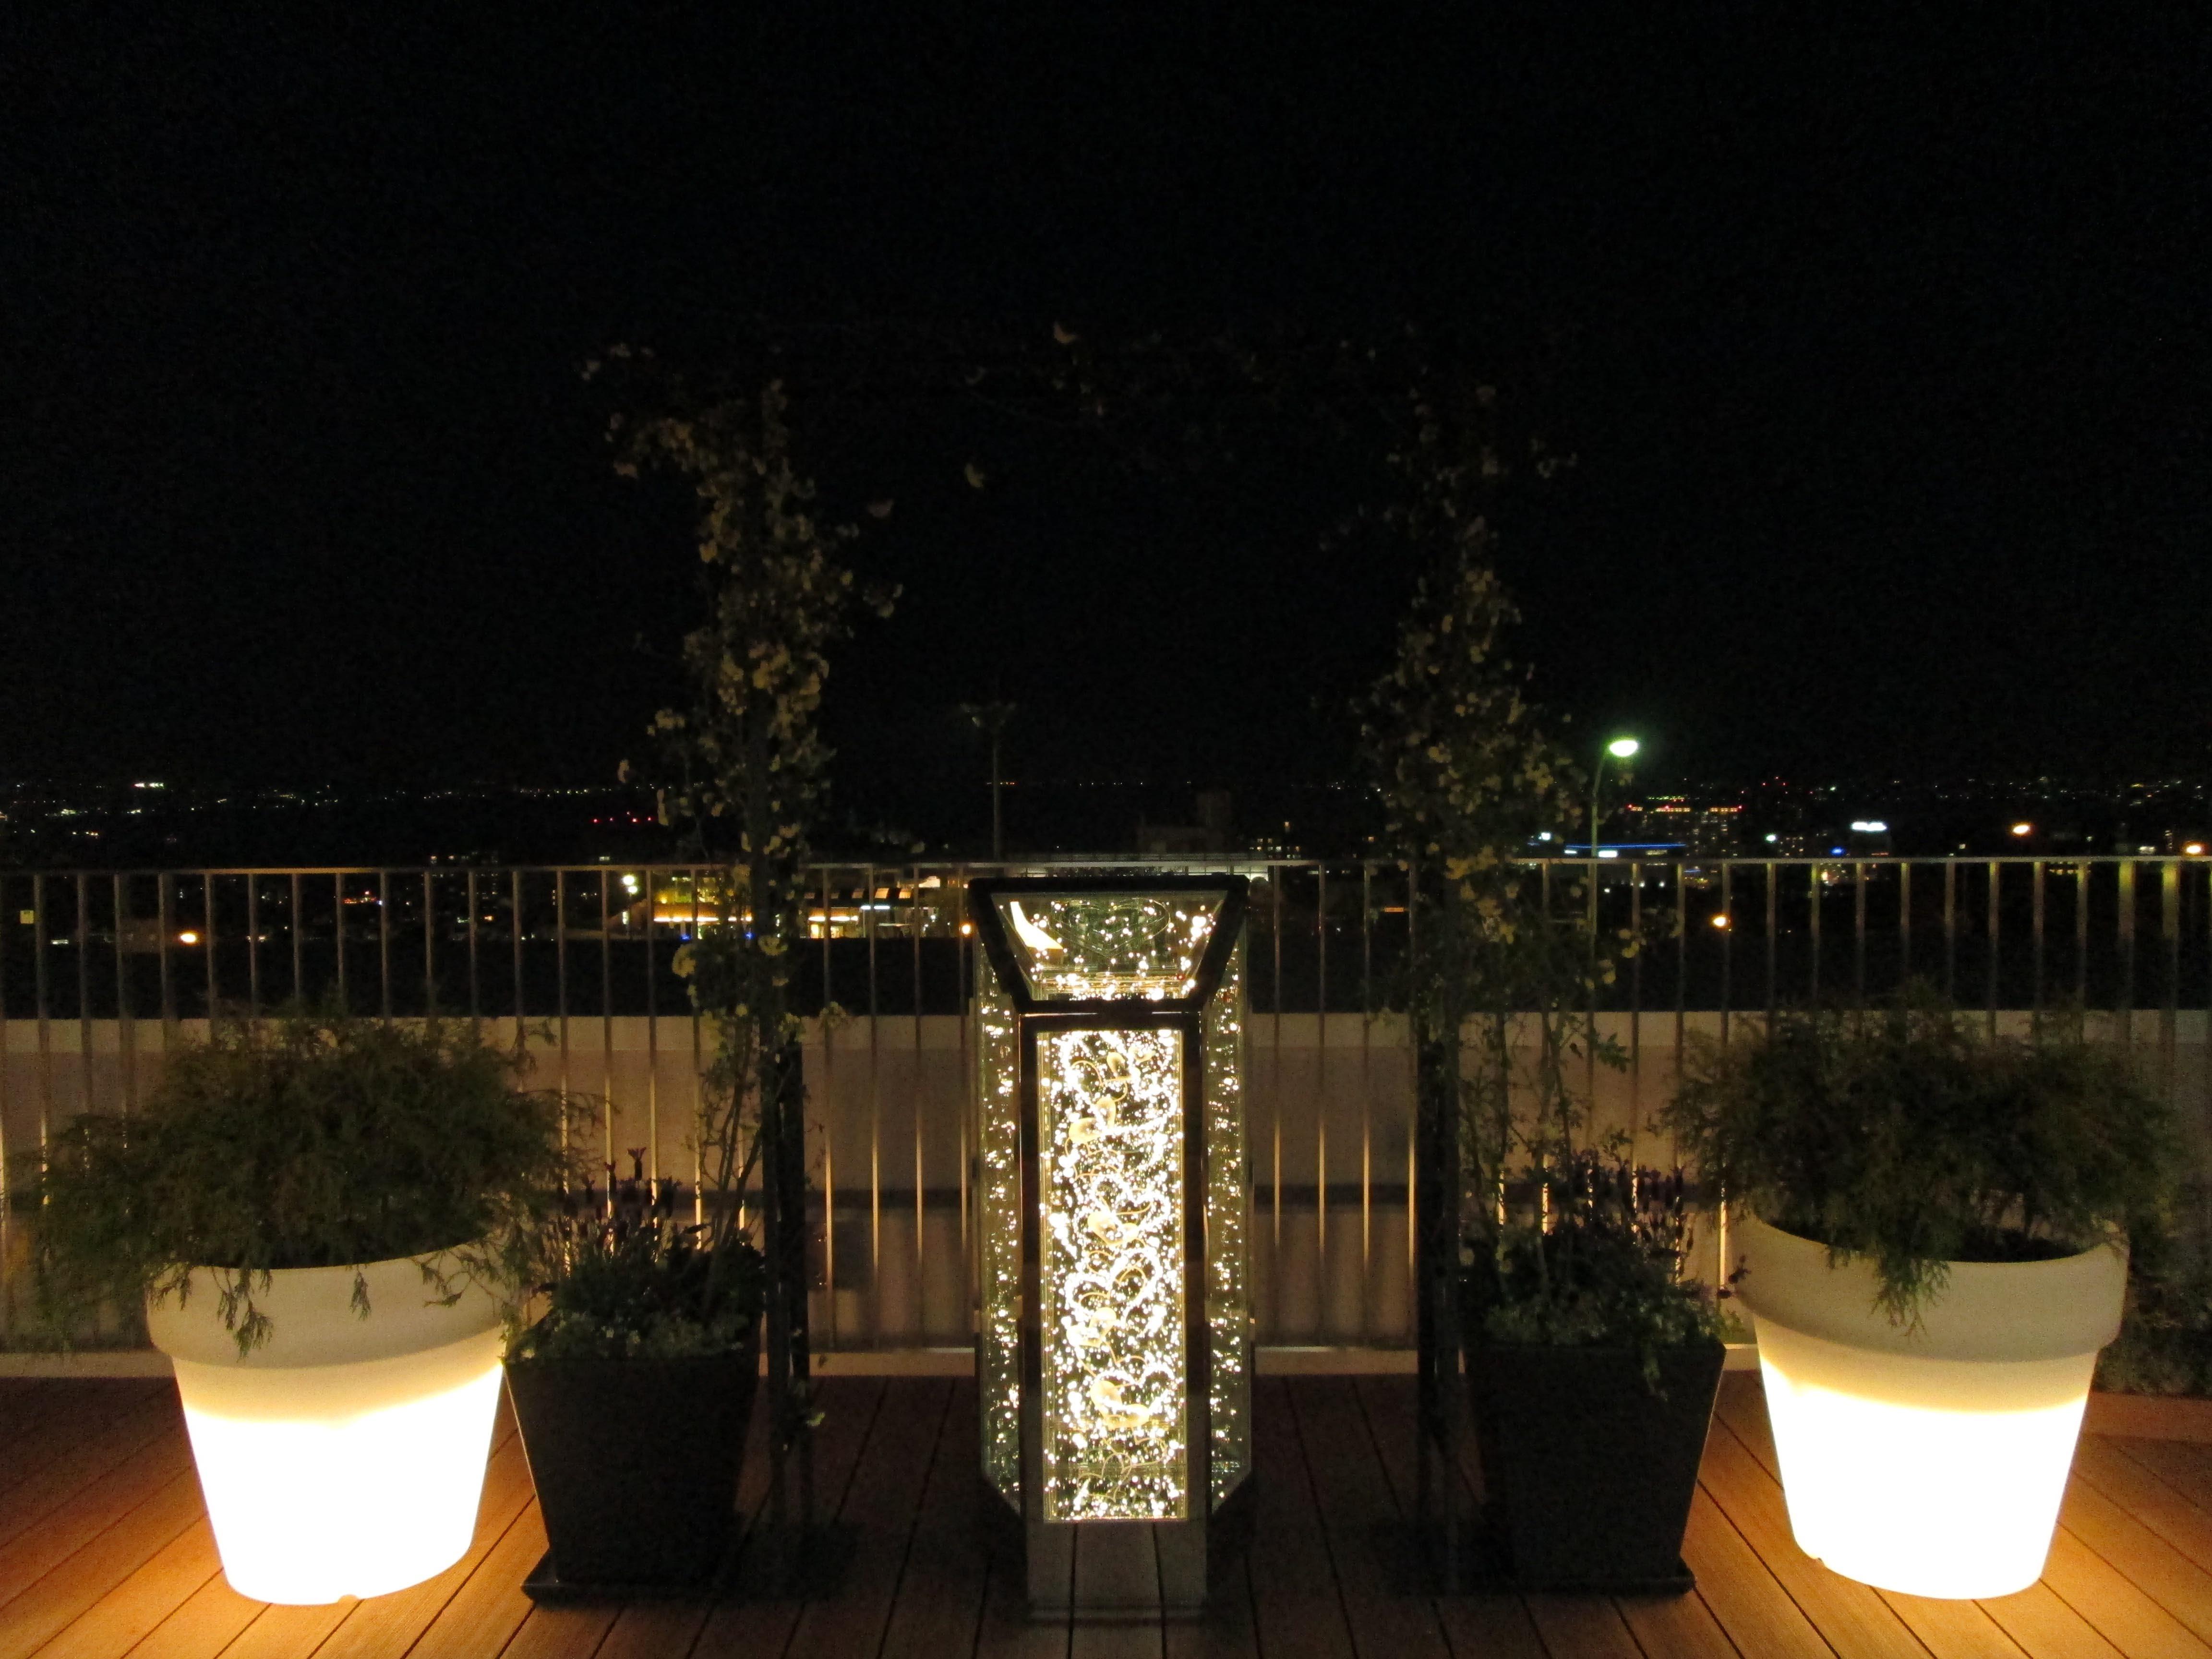 下り線展望デッキから大津市街の夜景を観賞